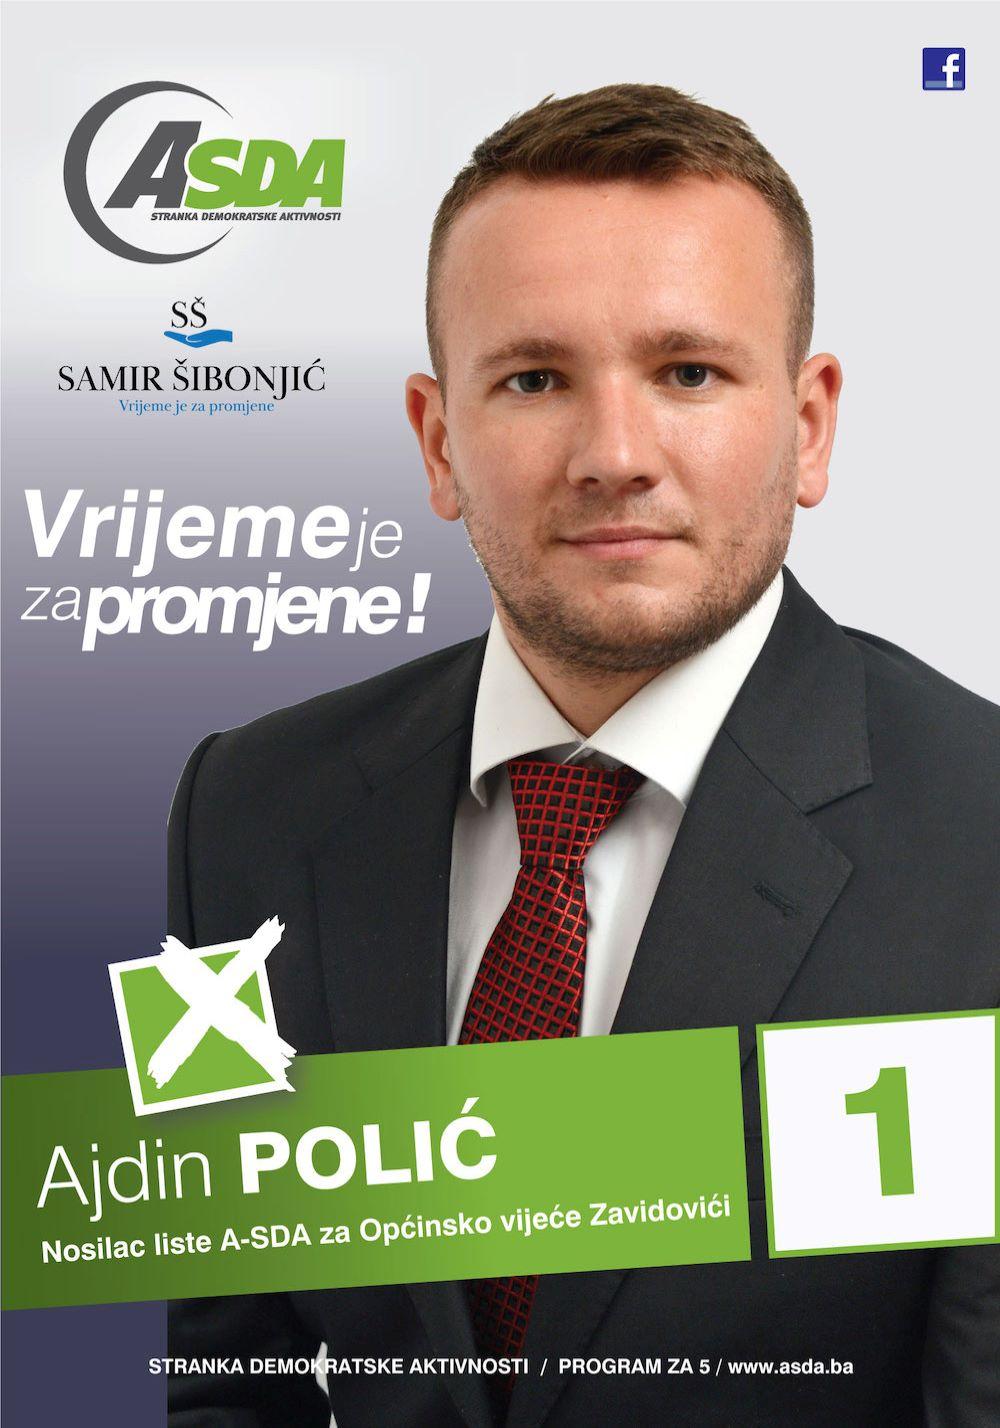 Ajdin Polić